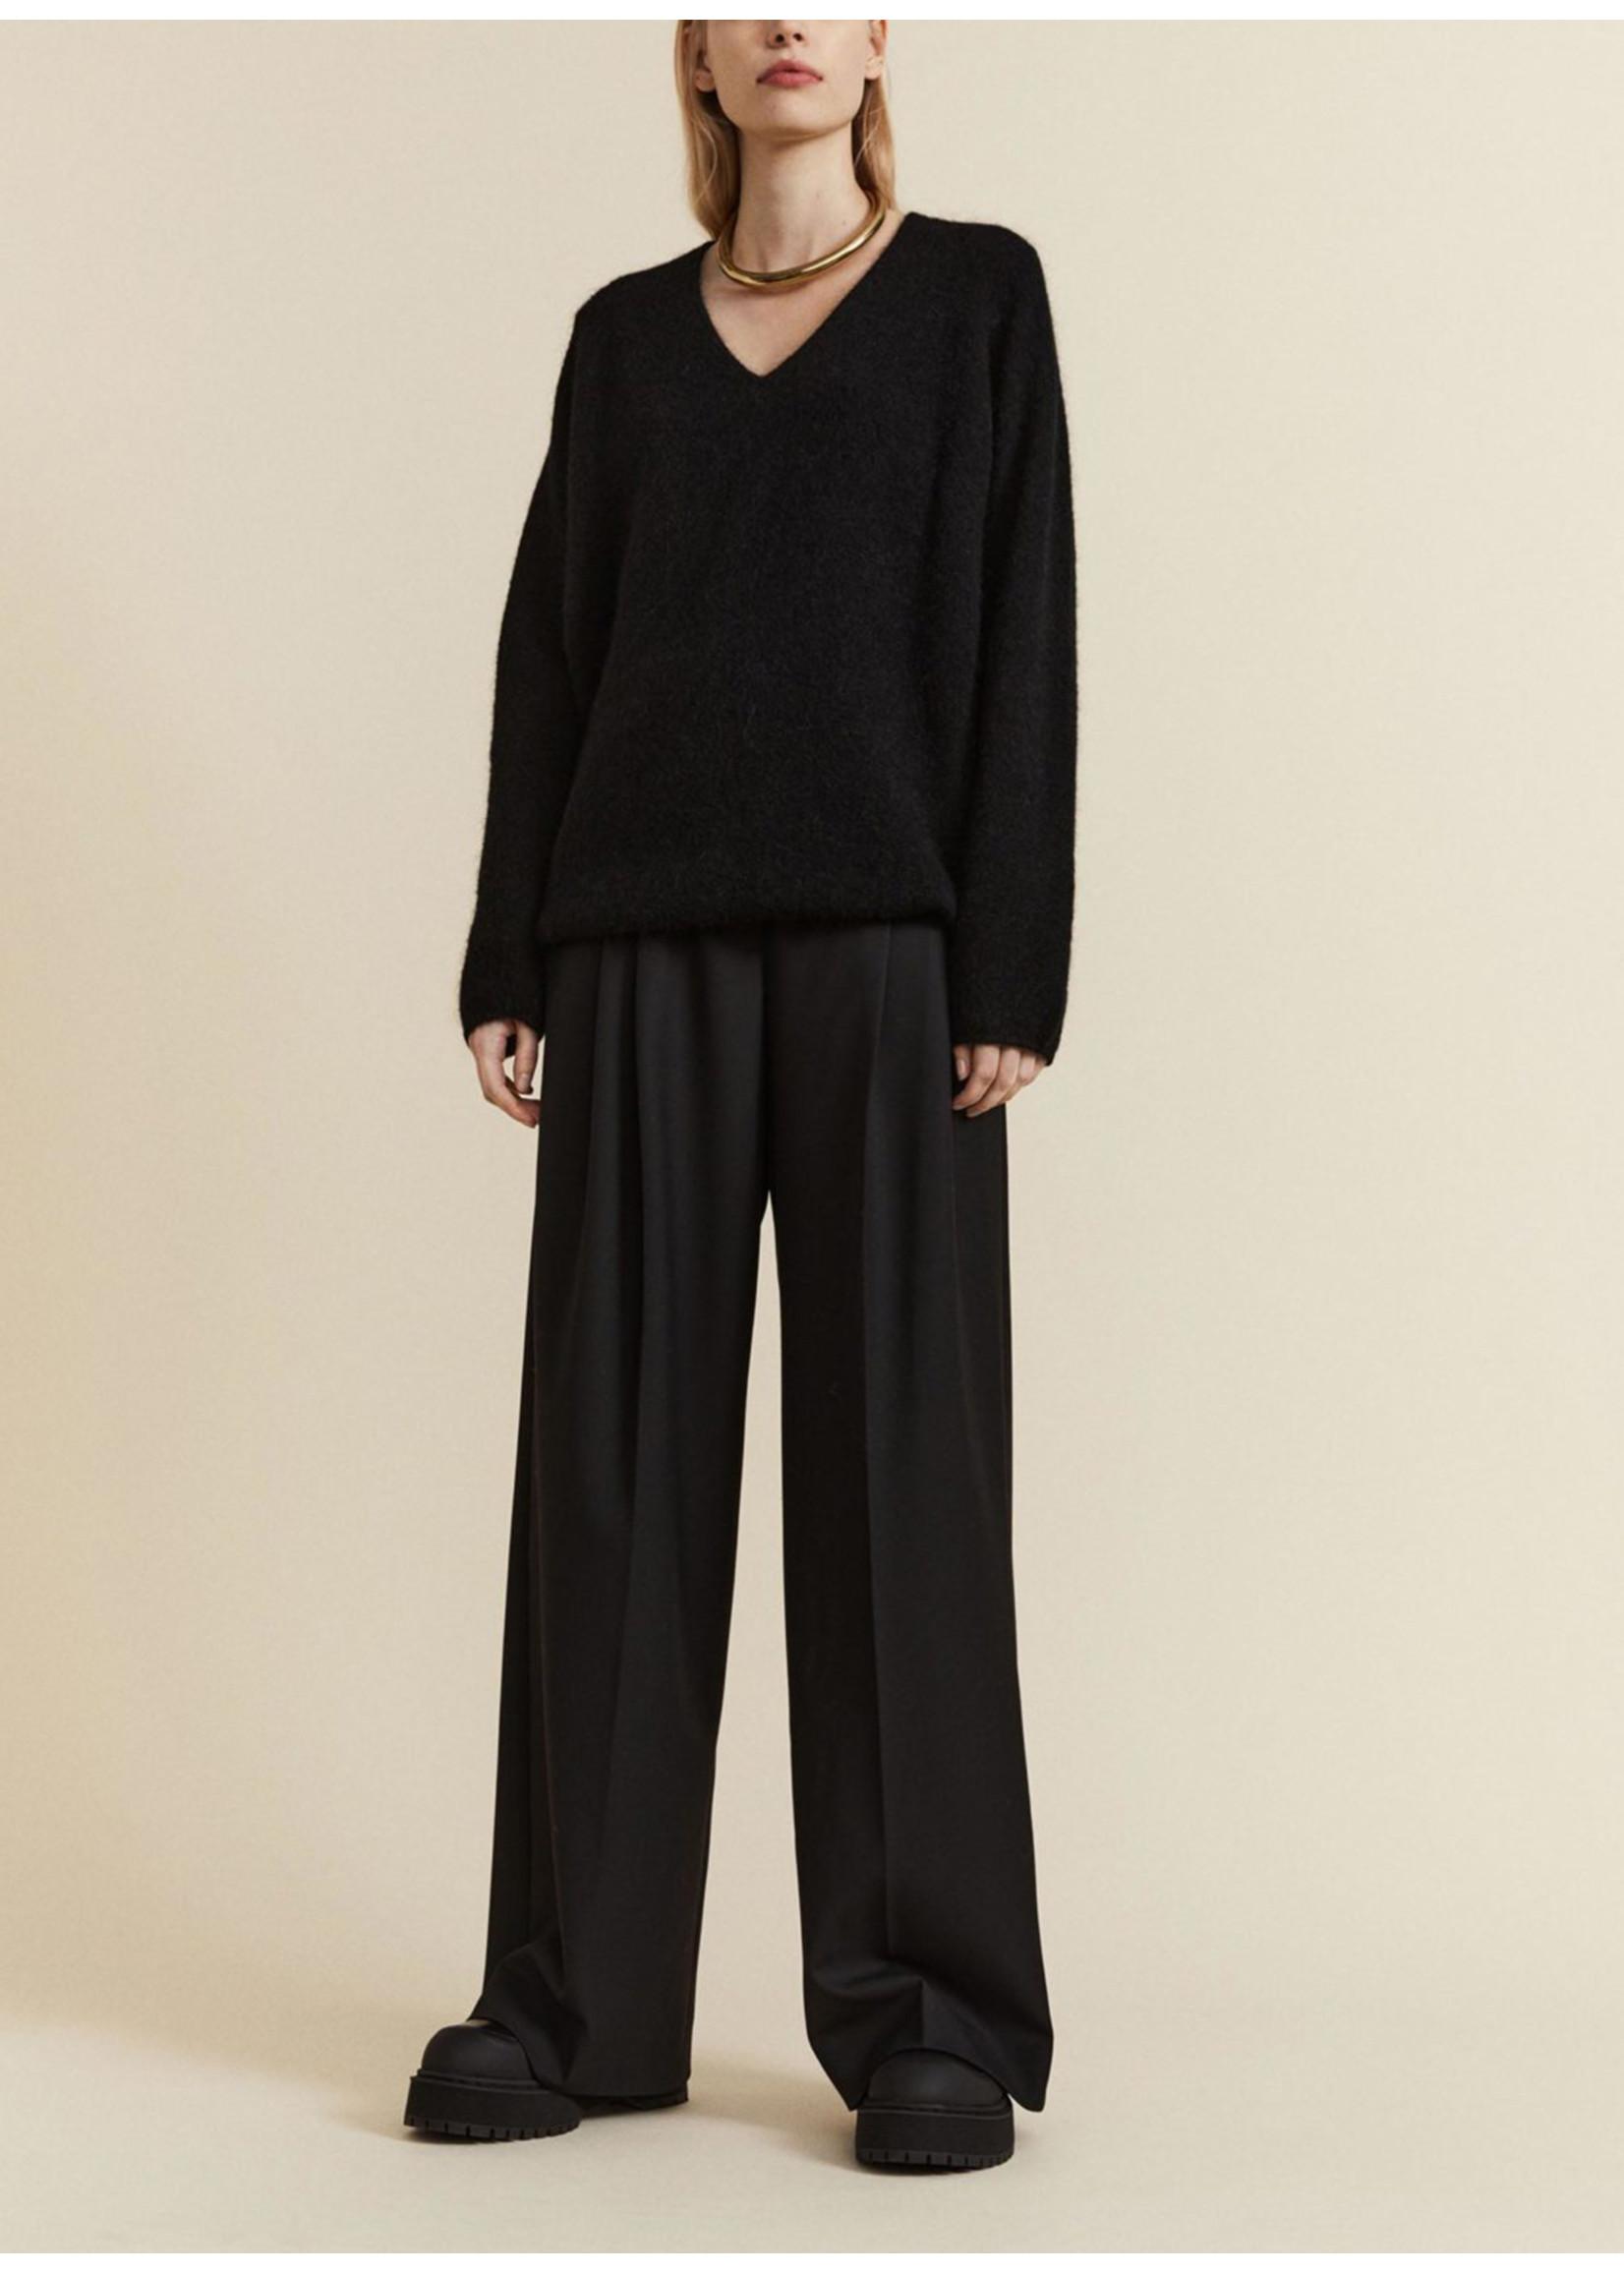 Malene Birger Rhila Knitwear Black